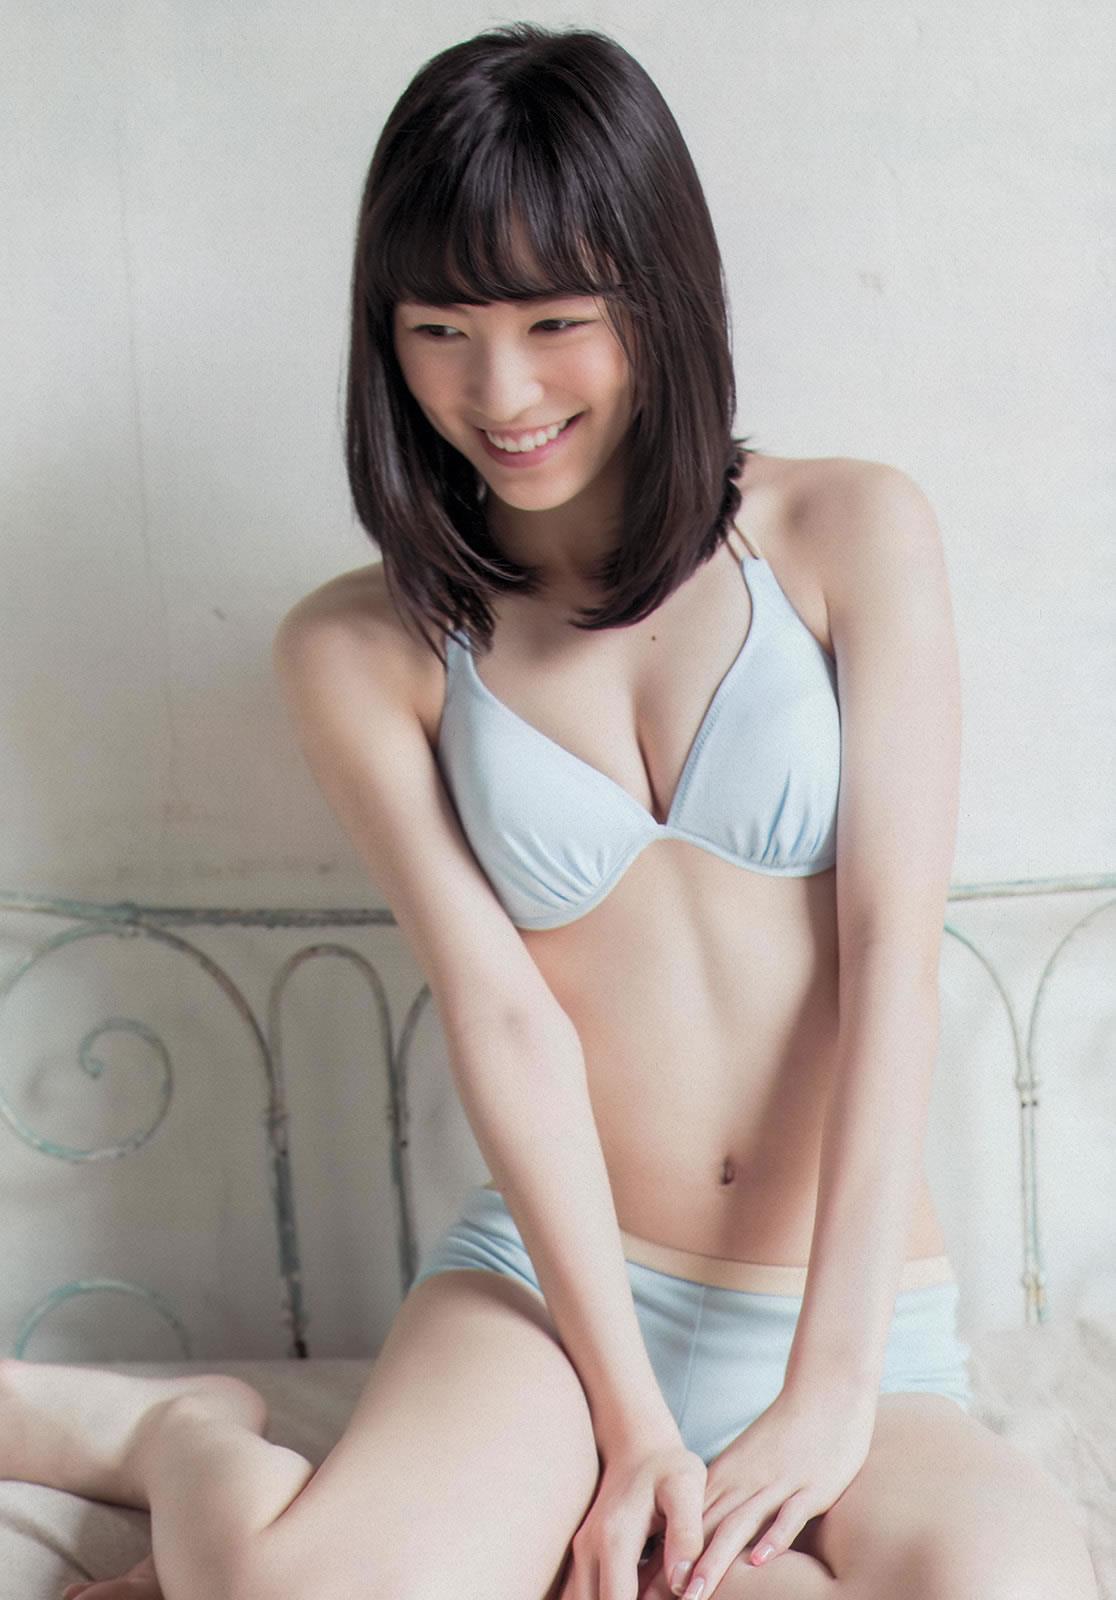 松井珠理奈 画像 111